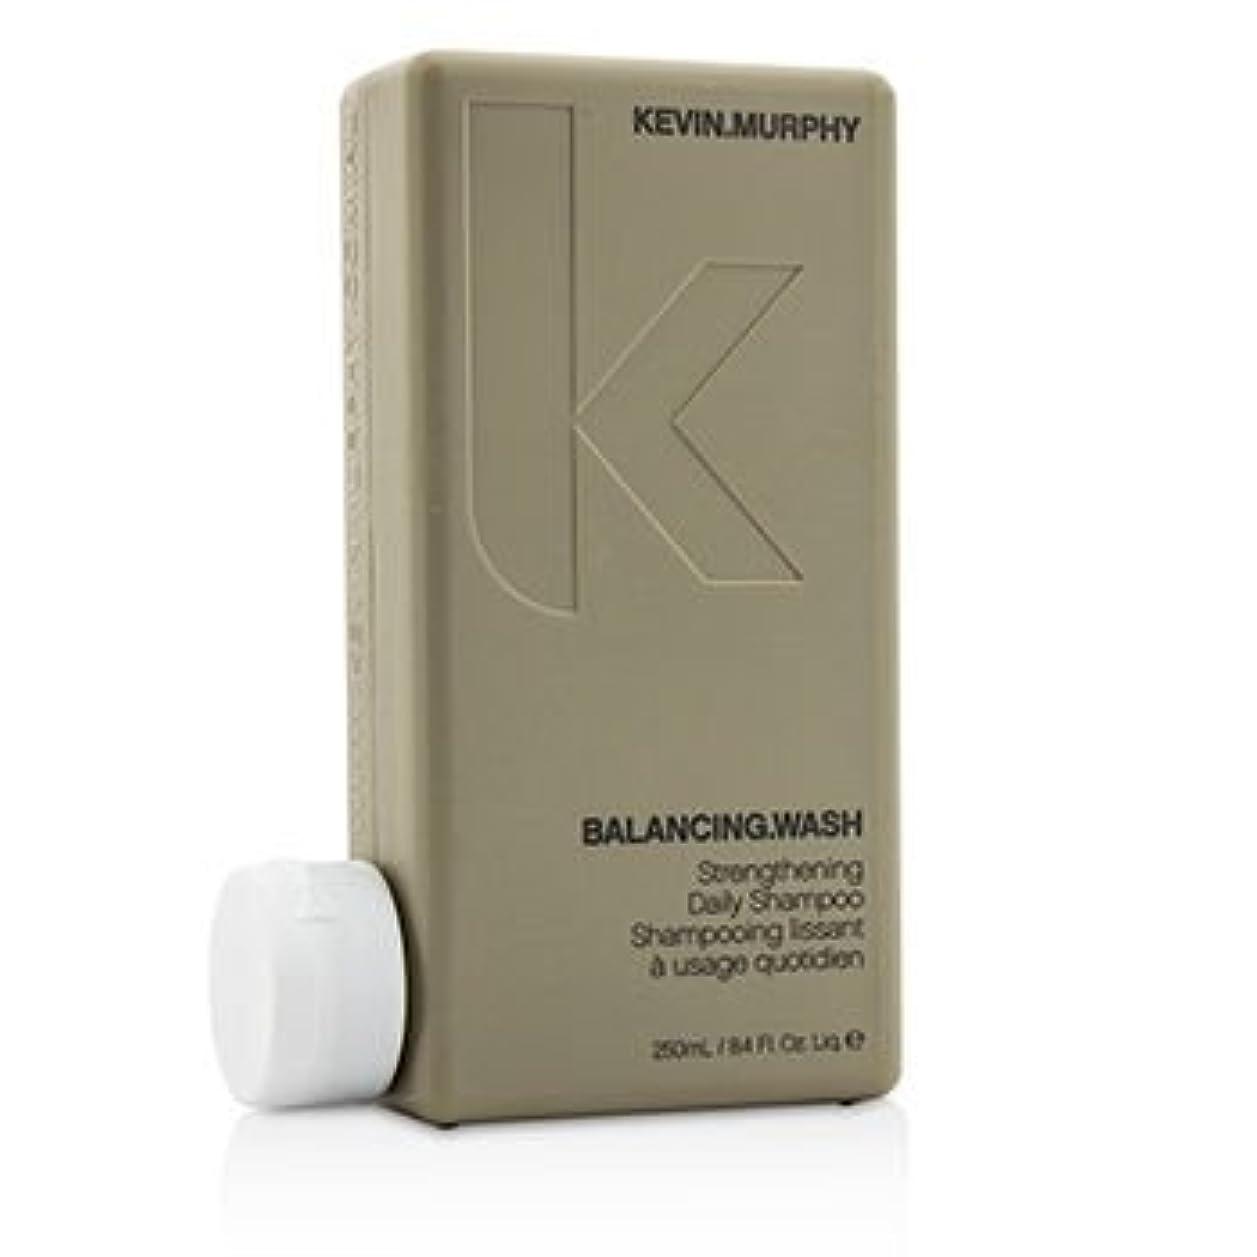 緊急スペースあいさつ[Kevin.Murphy] Balancing.Wash (Strengthening Daily Shampoo - For Coloured Hair) 250ml/8.4oz